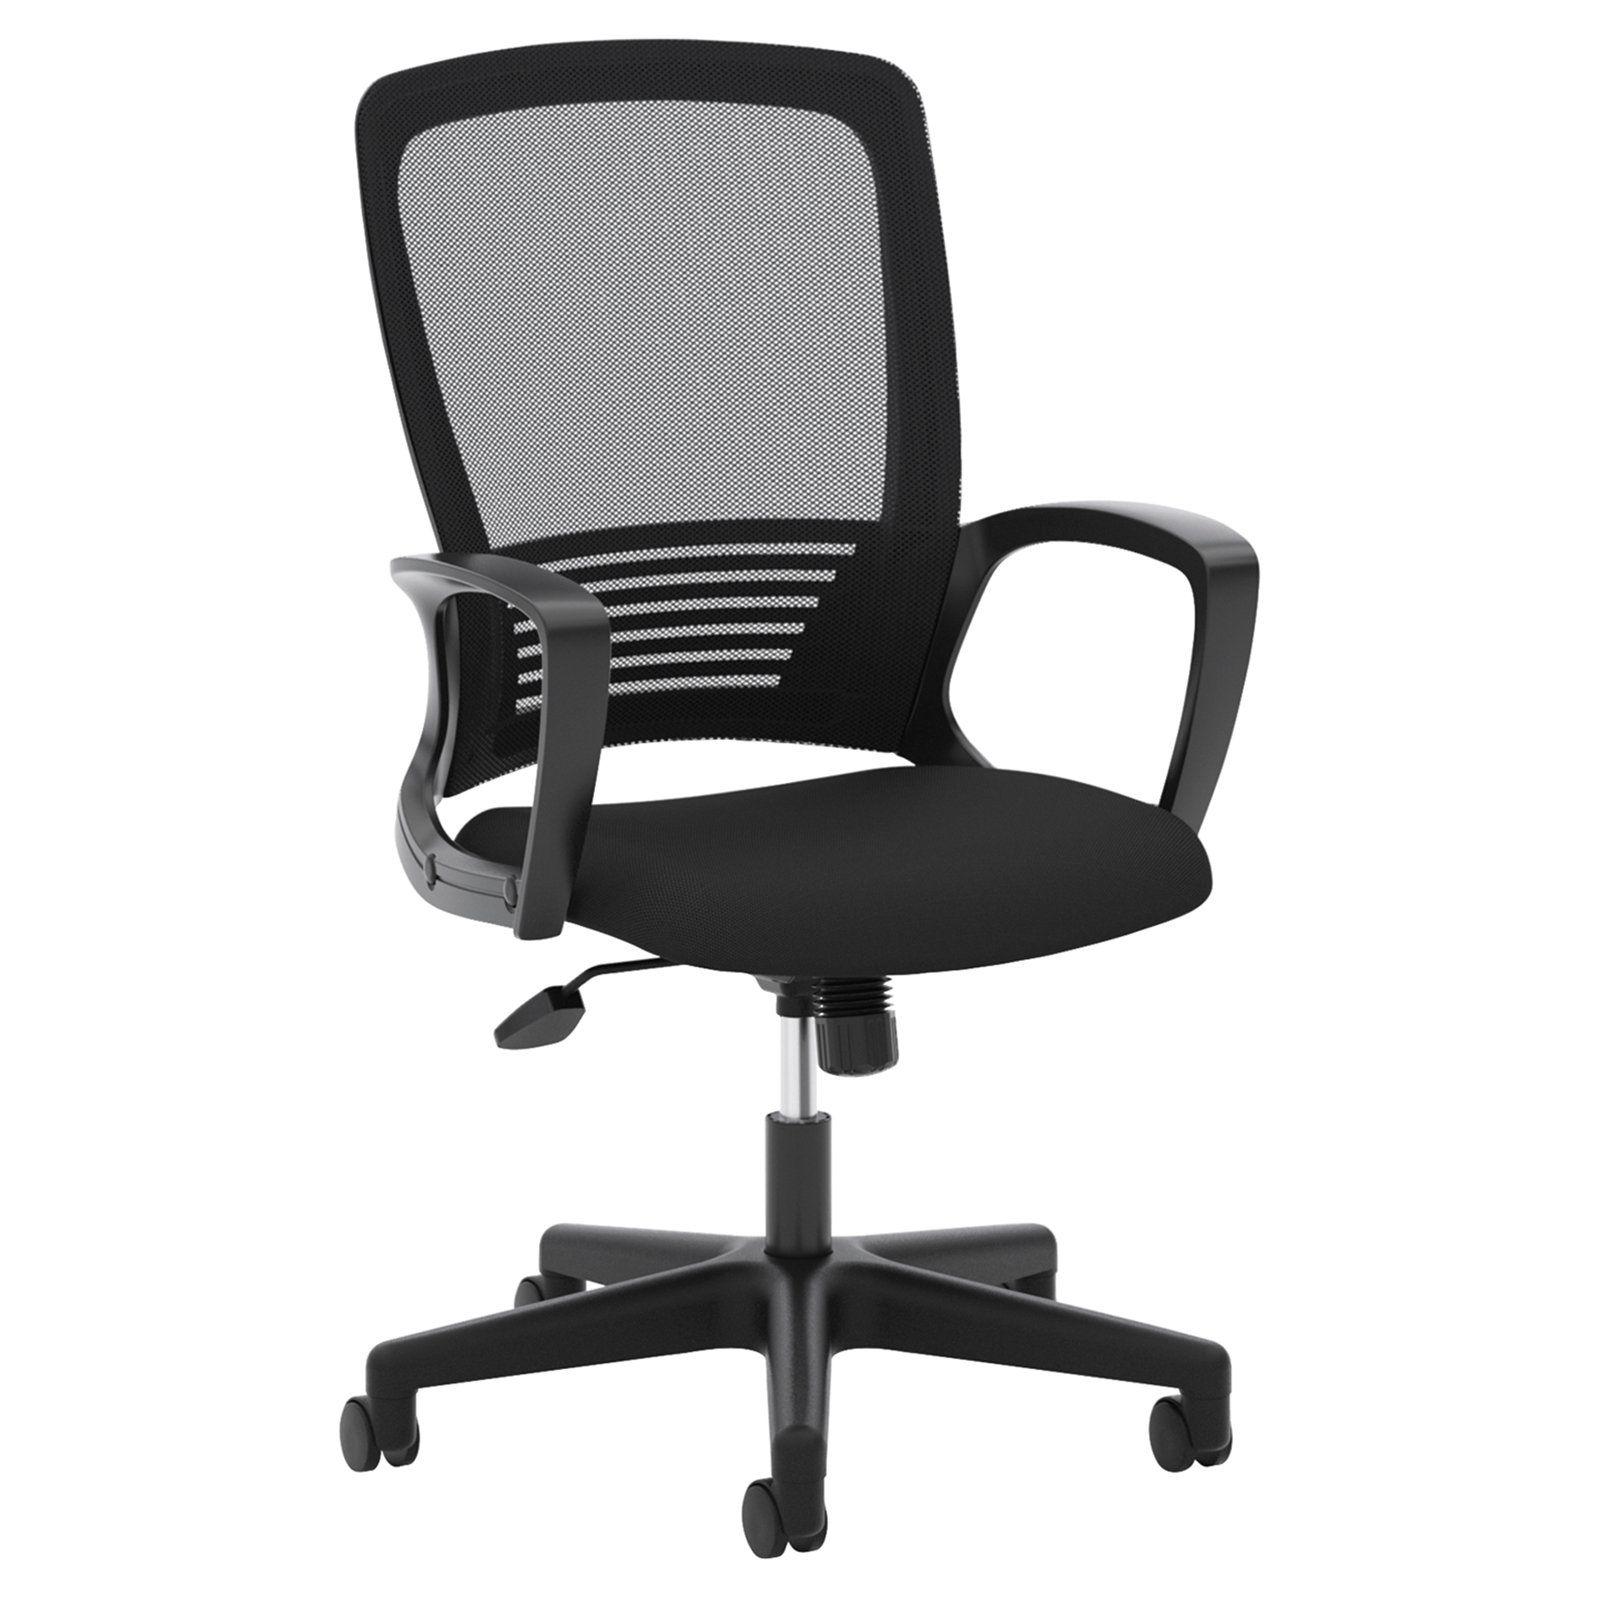 Basyx VL525 Mesh High-Back Task Chair